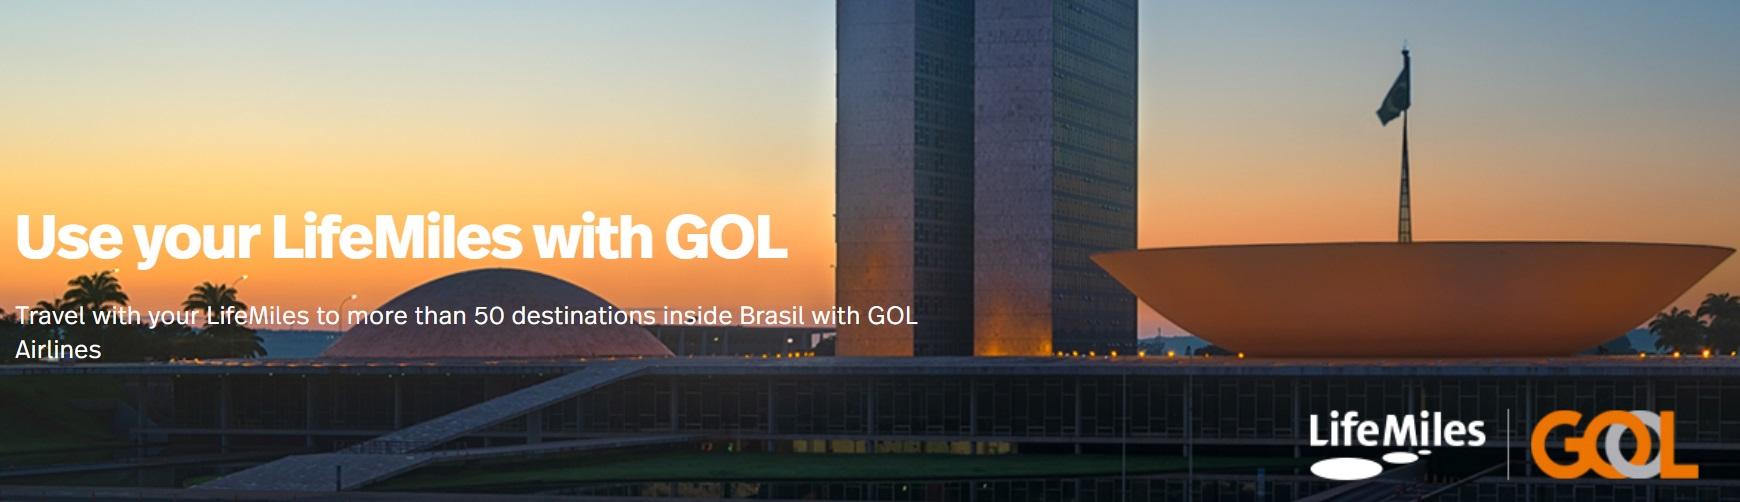 Новый партнер LifeMiles: GOL